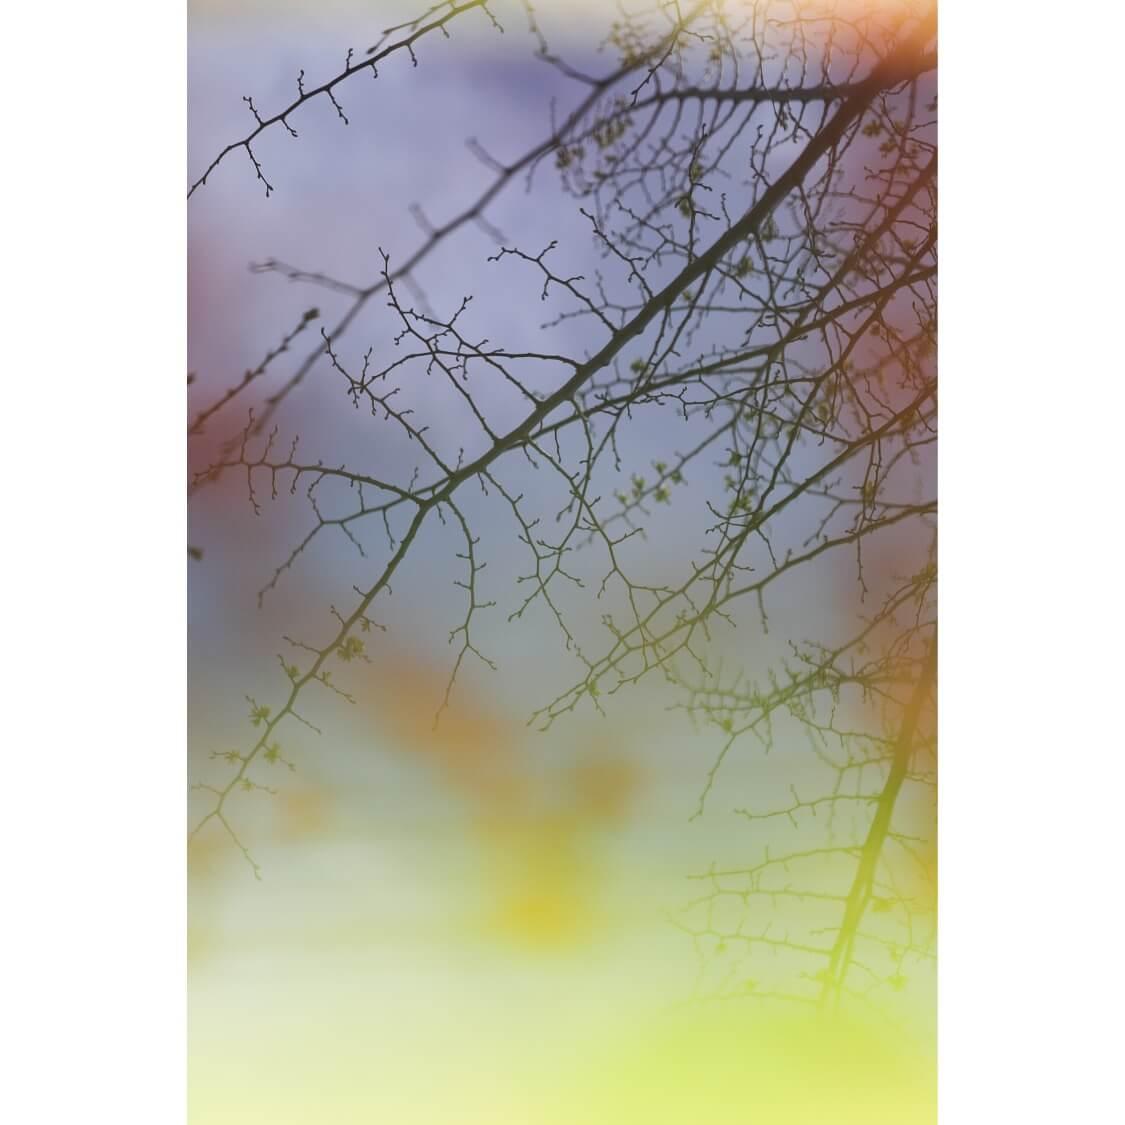 AF682DB5 14F9 4289 AC88 DB9FA53A7709 - Burgess Green Untitled by Adrian Flower